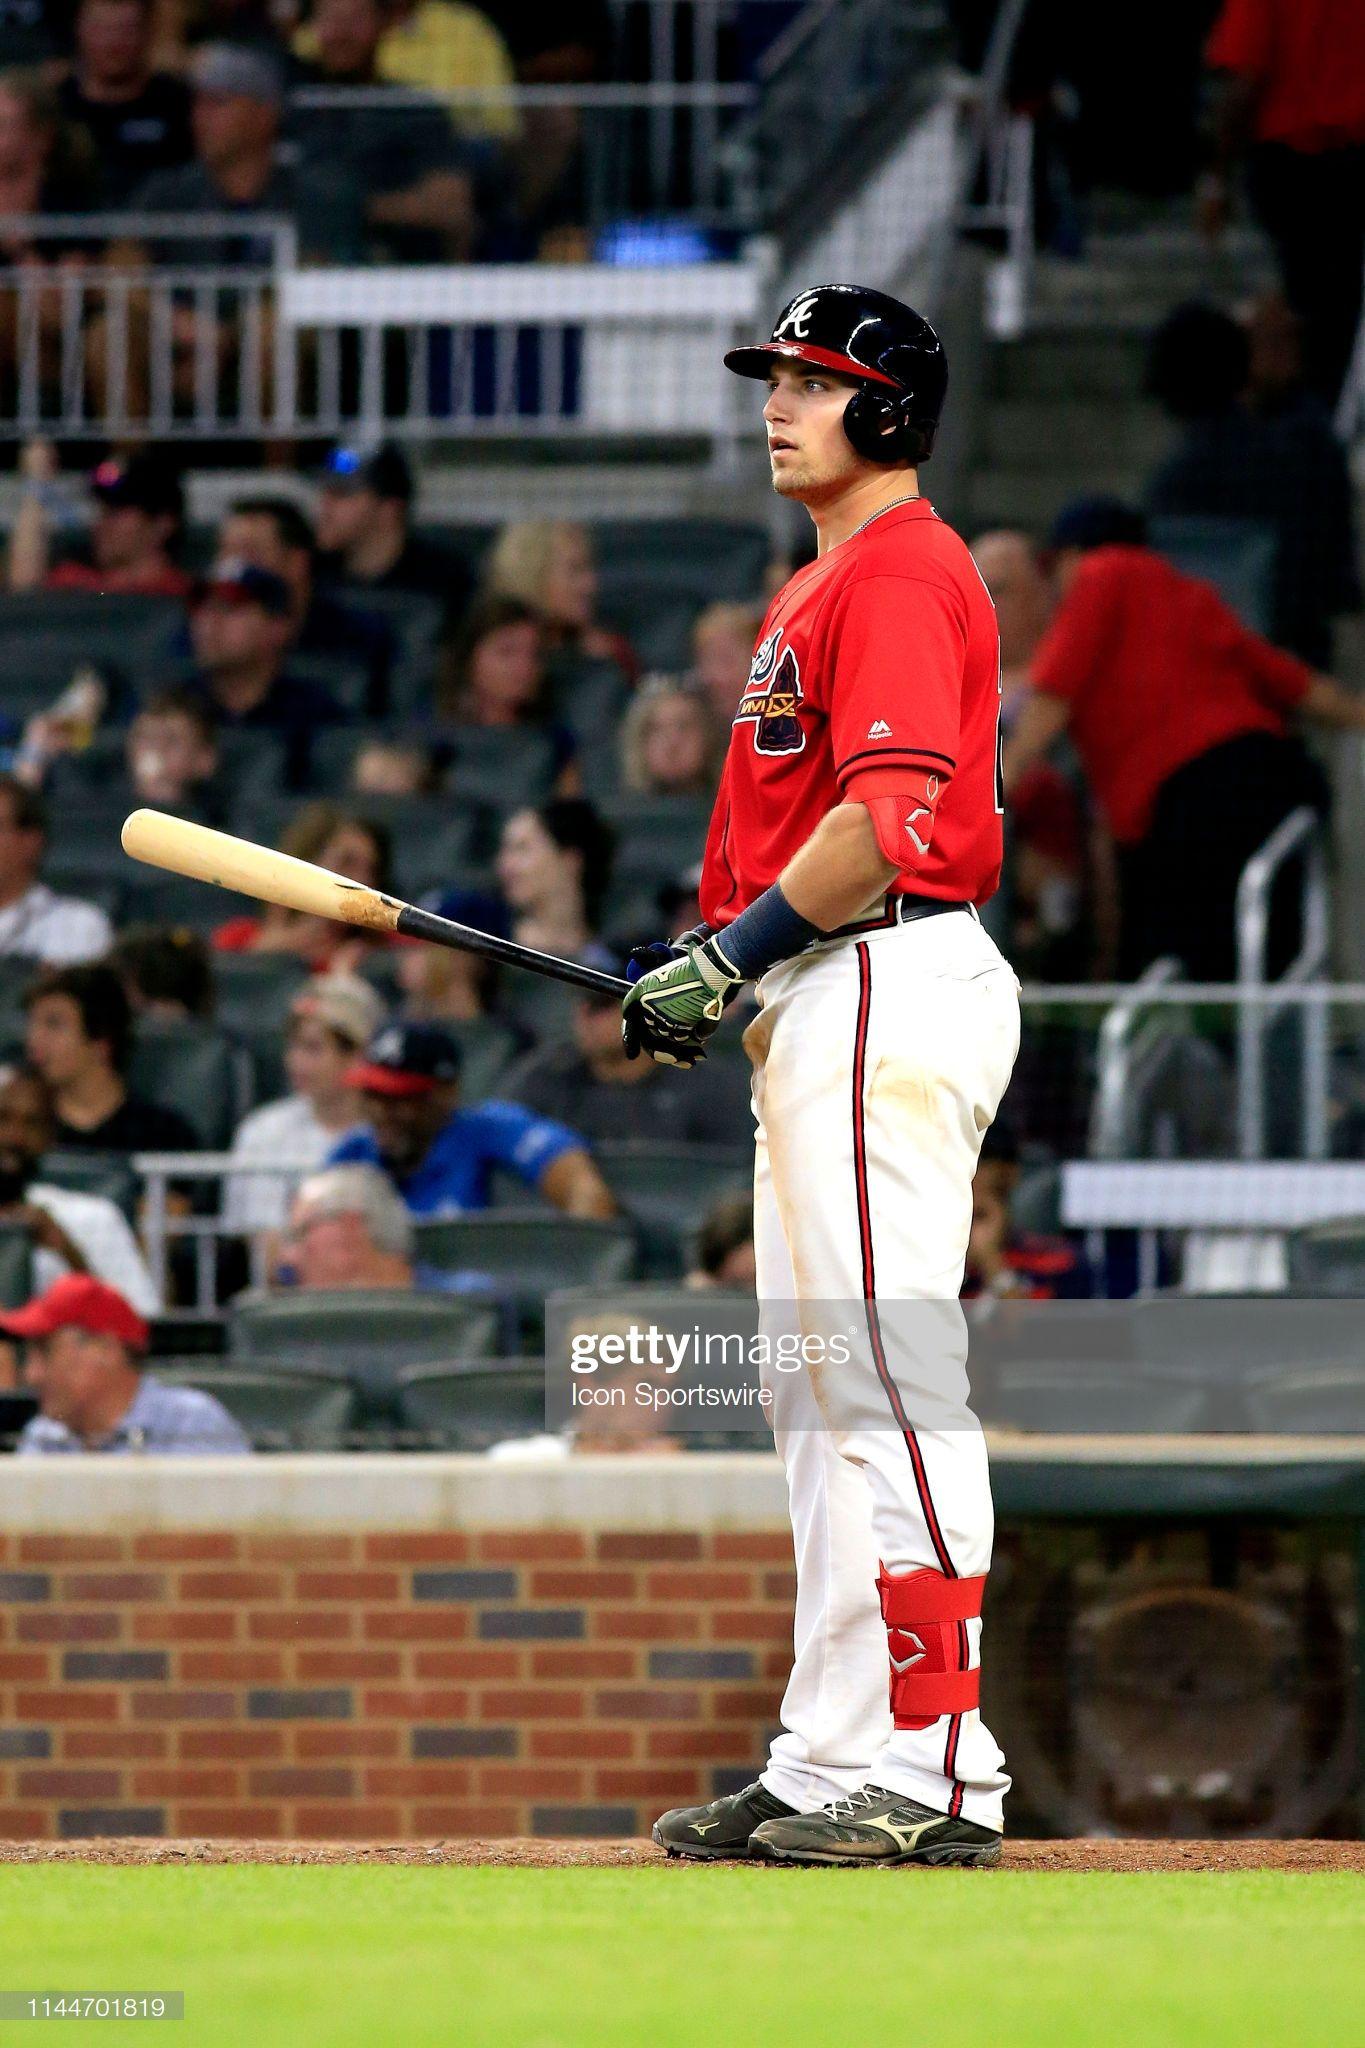 Atlanta Braves Rookie Outfielder Austin Riley Gets Ready To Bat Atlanta Braves Braves The Outfield